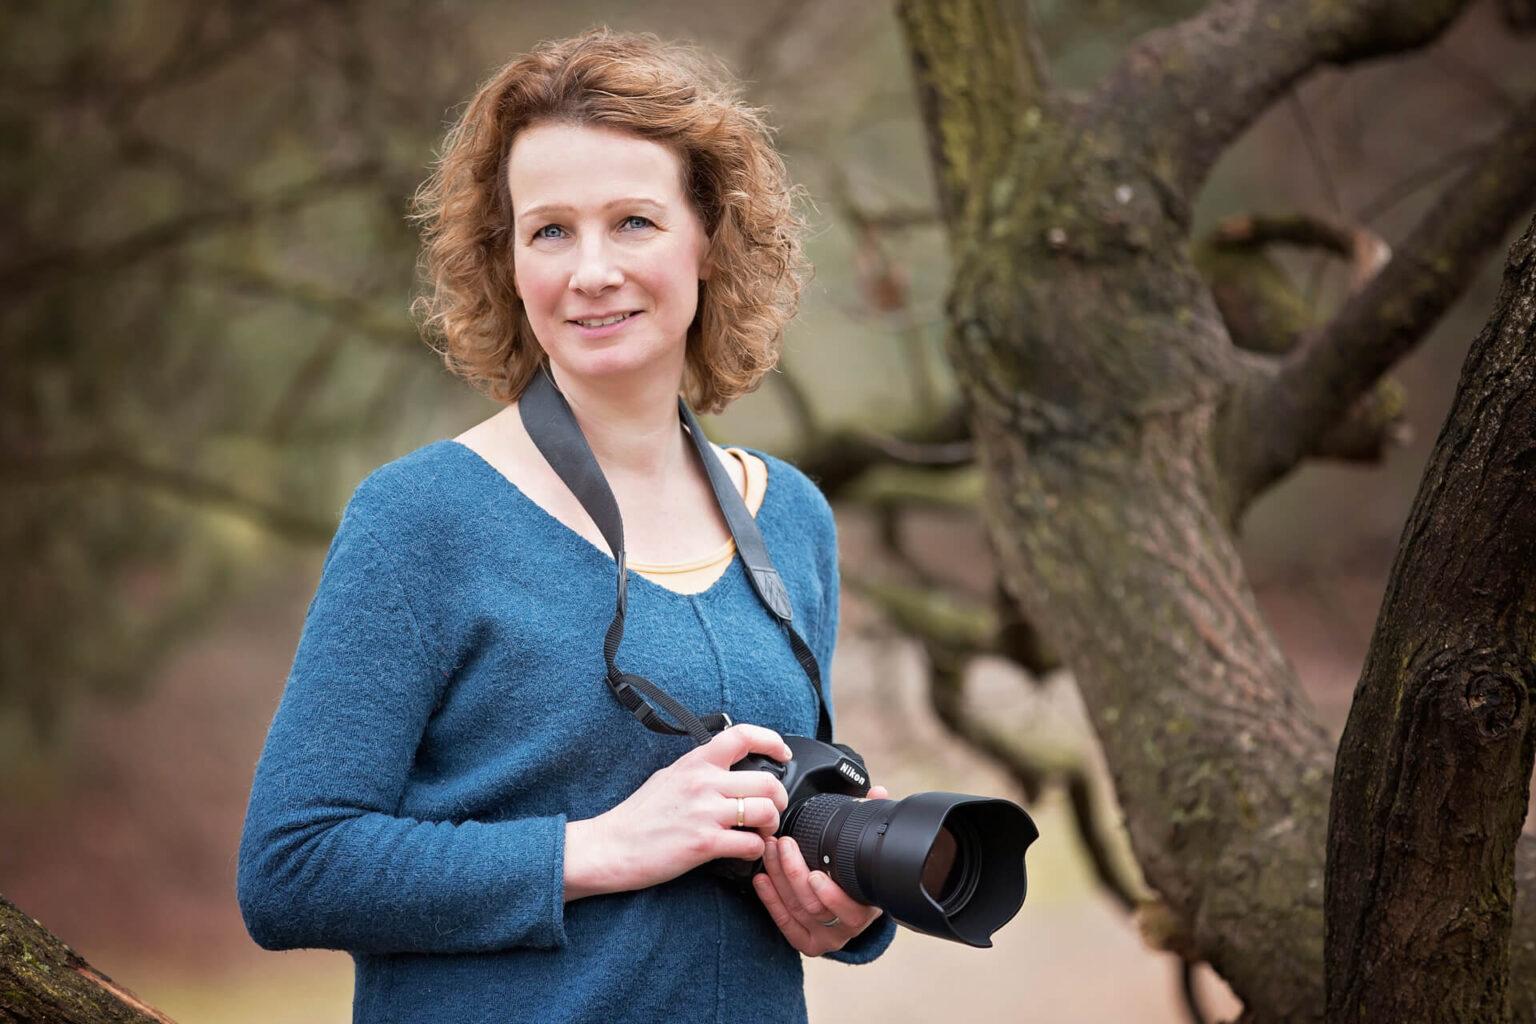 Fotograaf in Nieuwkoop Nieuwveen Margrietha fotografie